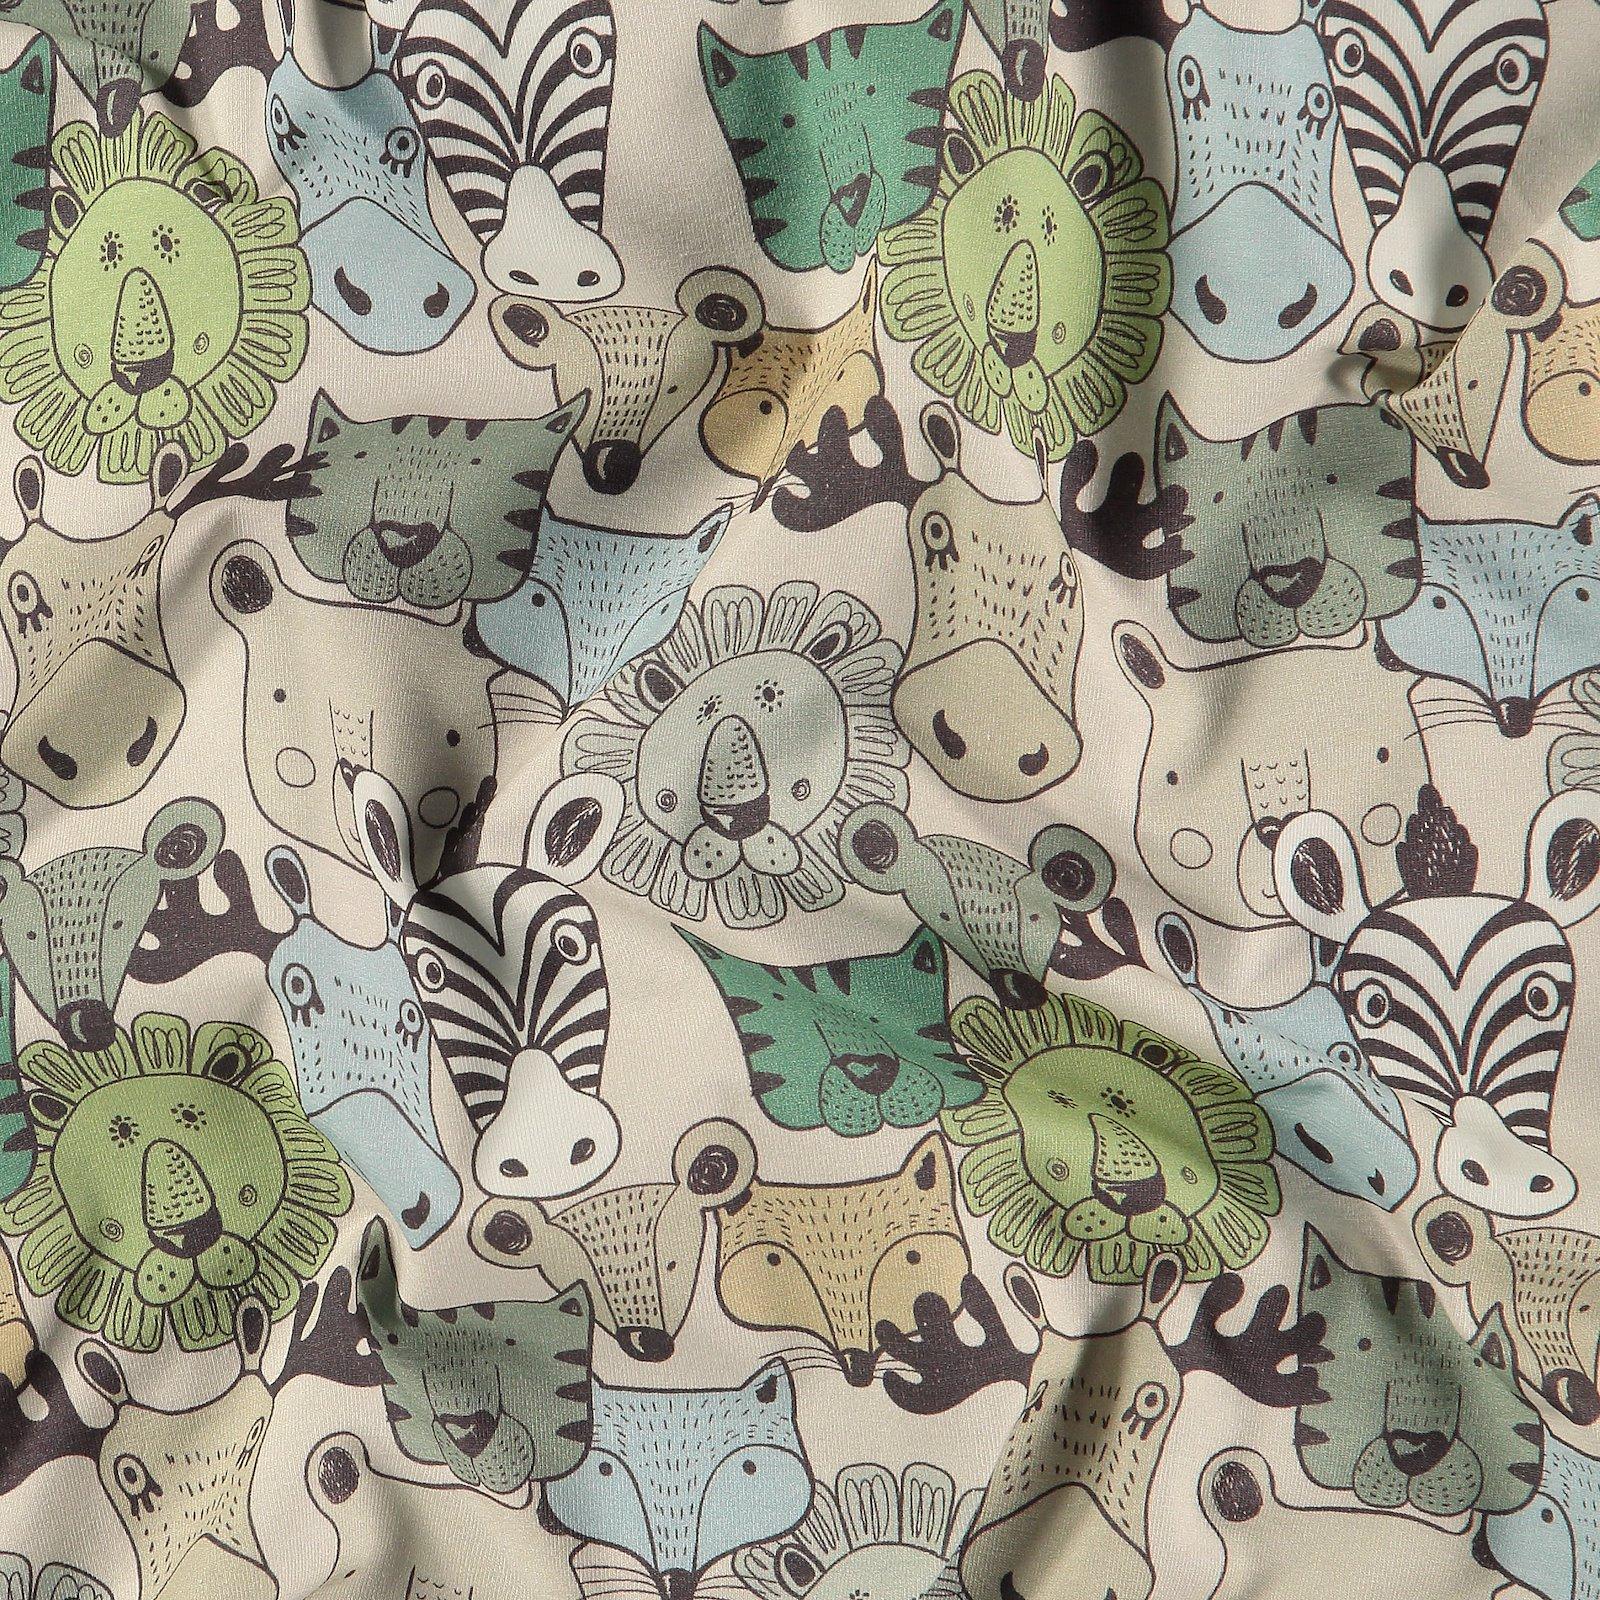 Organic stretch jersey putty w animals 272790_pack